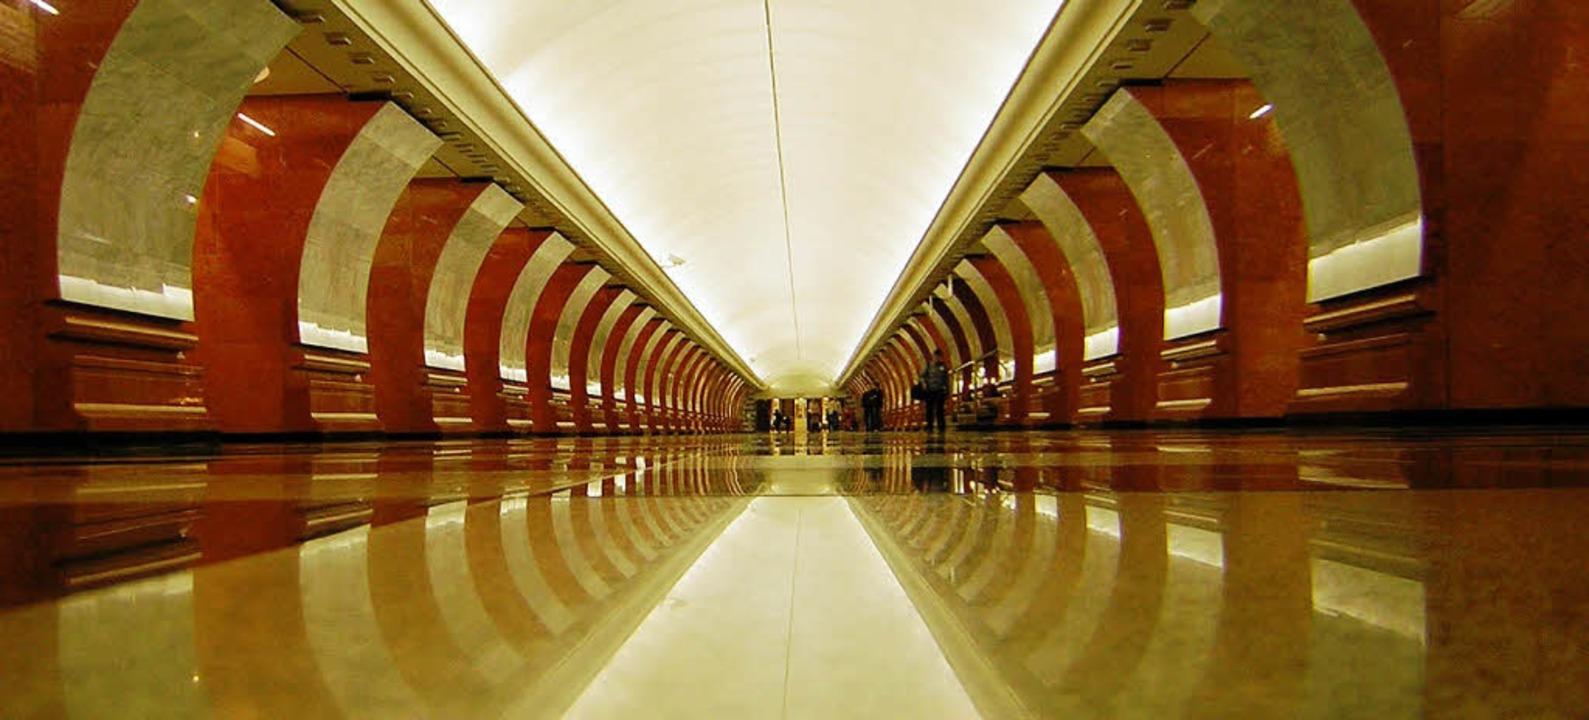 Paläste fürs Volk: Die U-Bahn in Moskau ist ein Meisterwerk.  | Foto: photocase.de/almeso